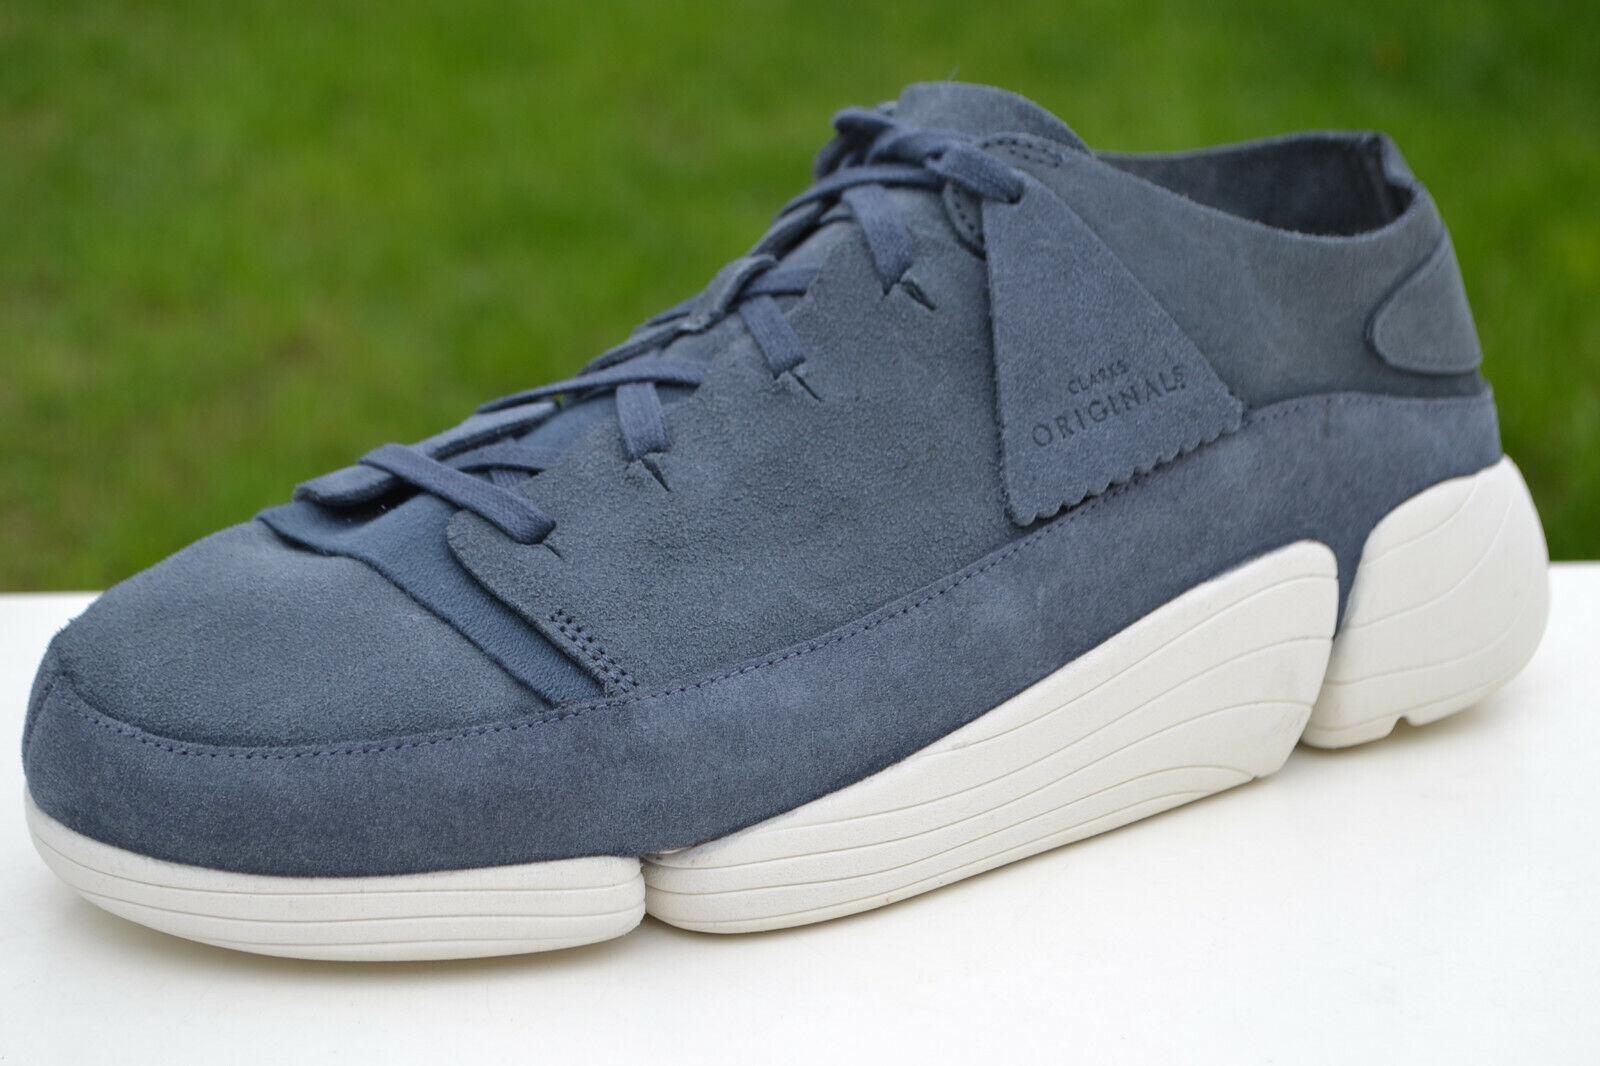 Clarks Originals Mens Shoes TRIGENIC EVO Denim Blue Suede UK 9 / 43